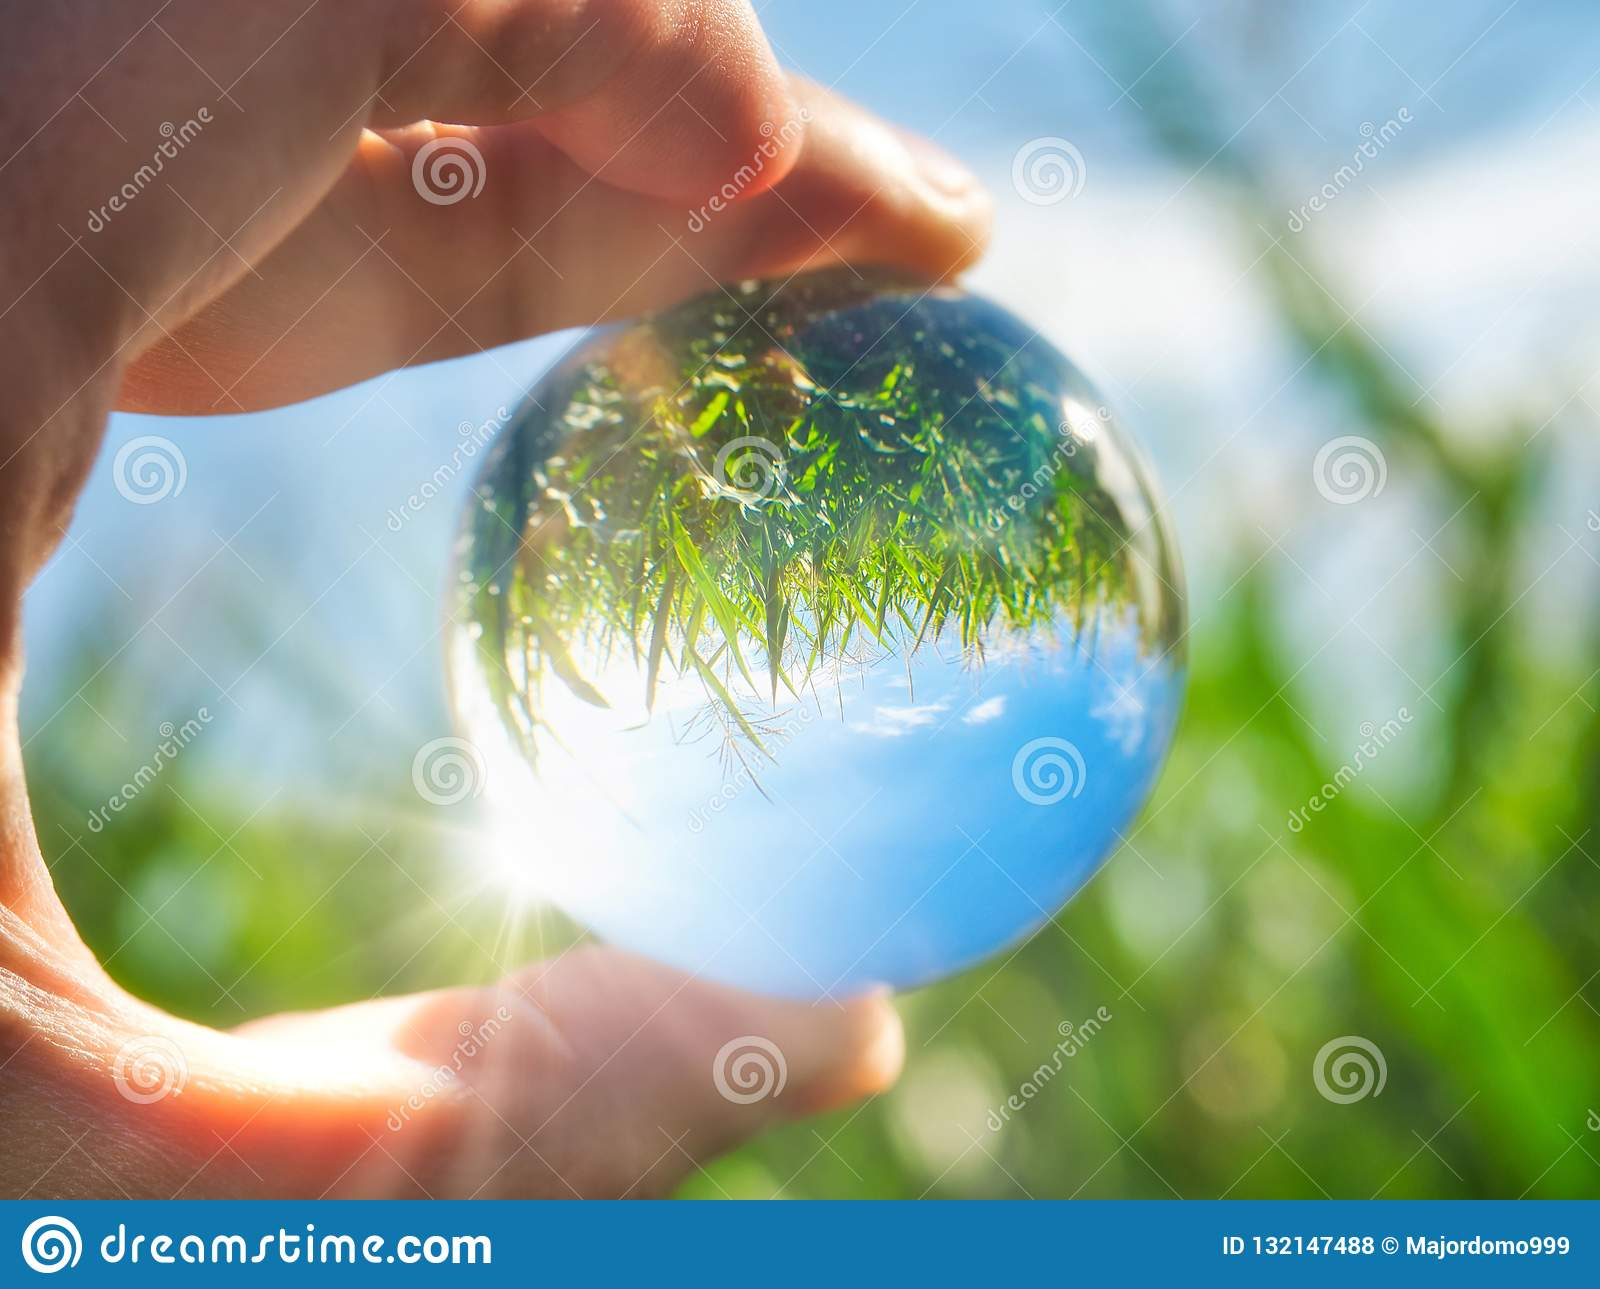 Что такое окружающая среда?